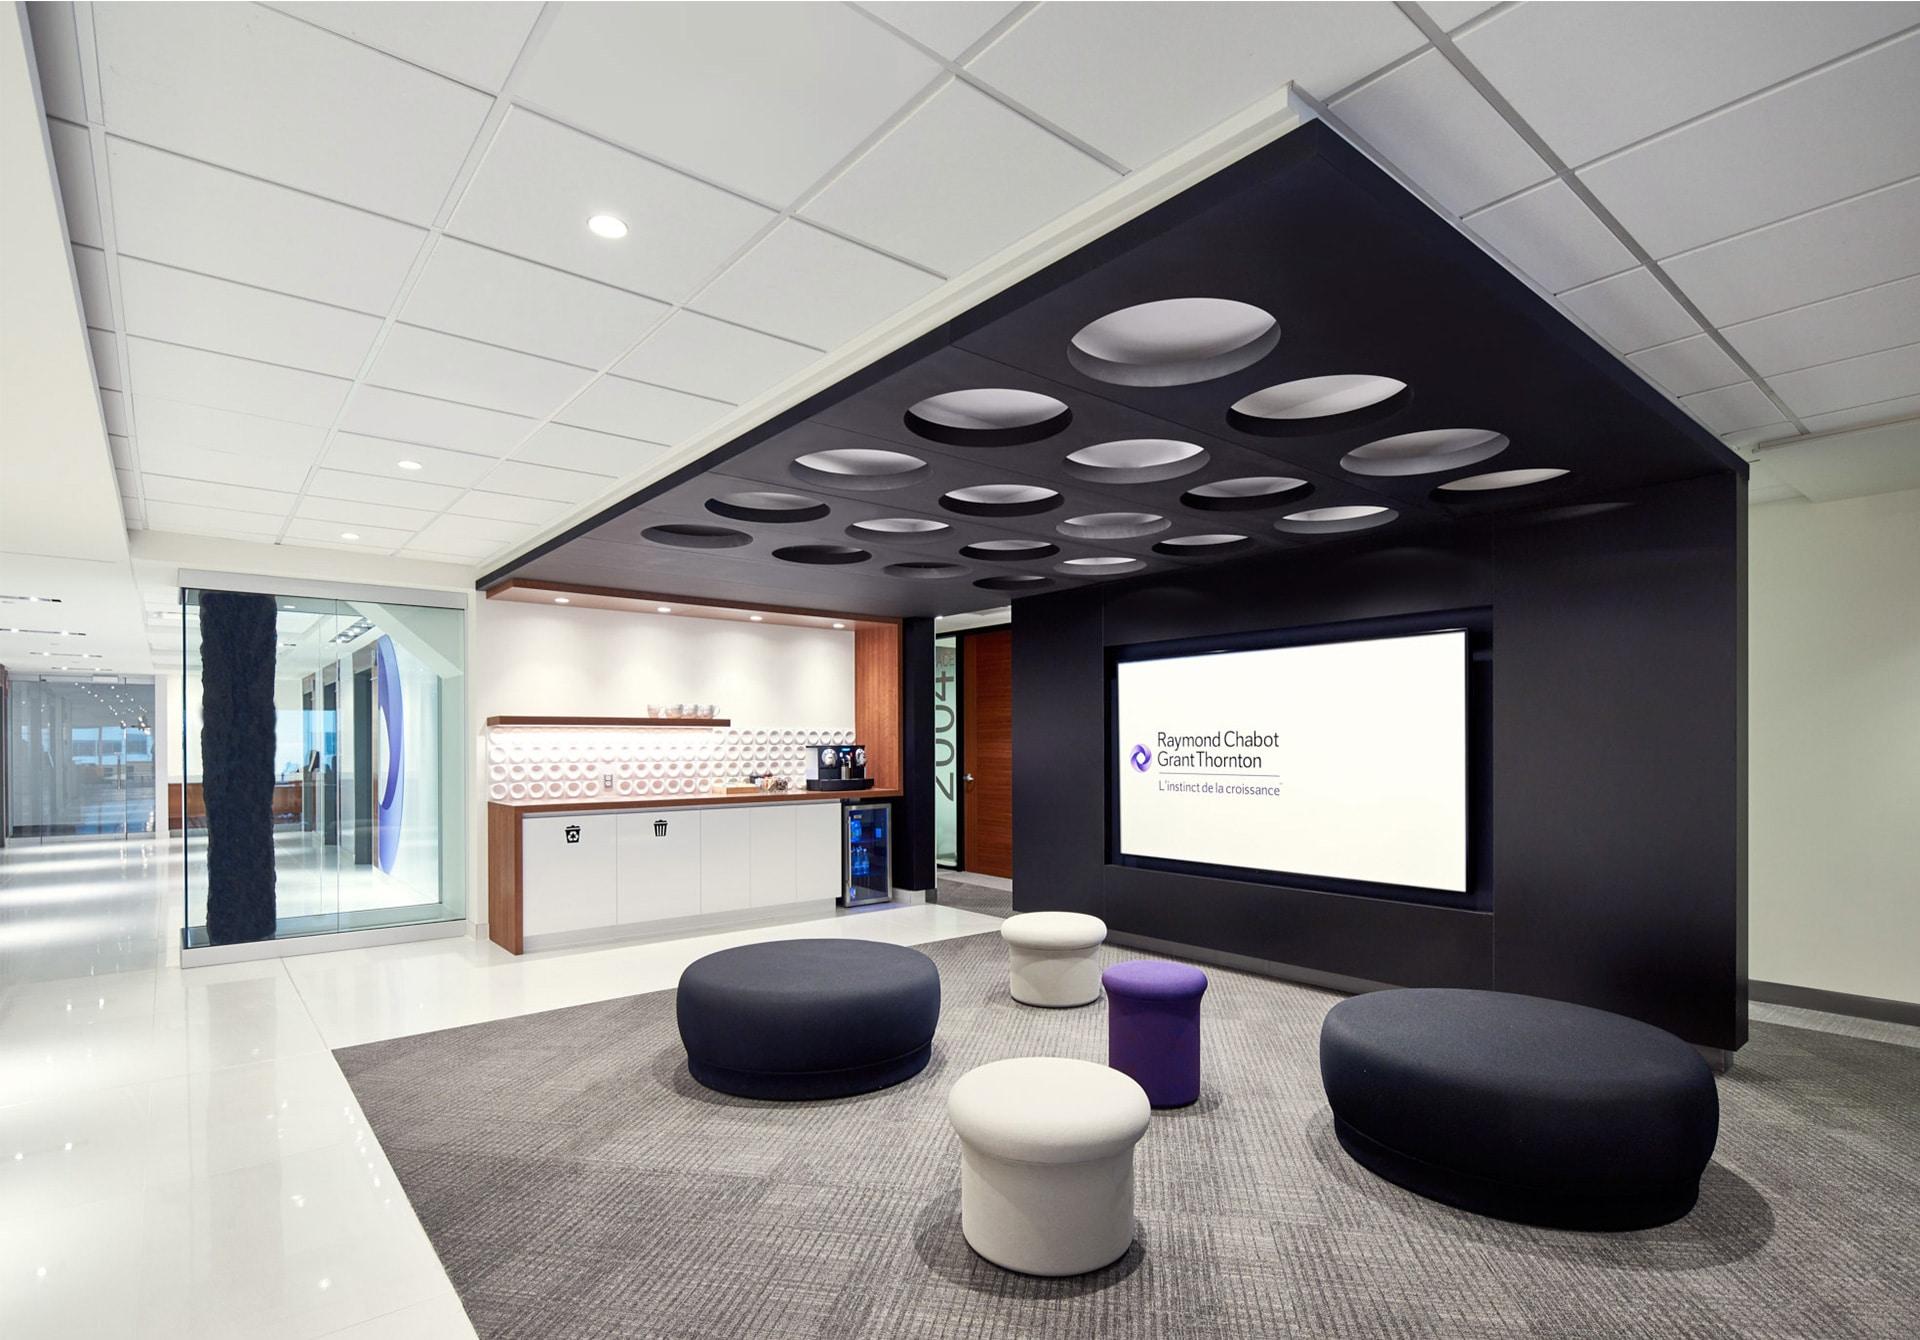 Détail architectural de la zone client au siège social de RCGT à Montréal aménagé par VAD Designers